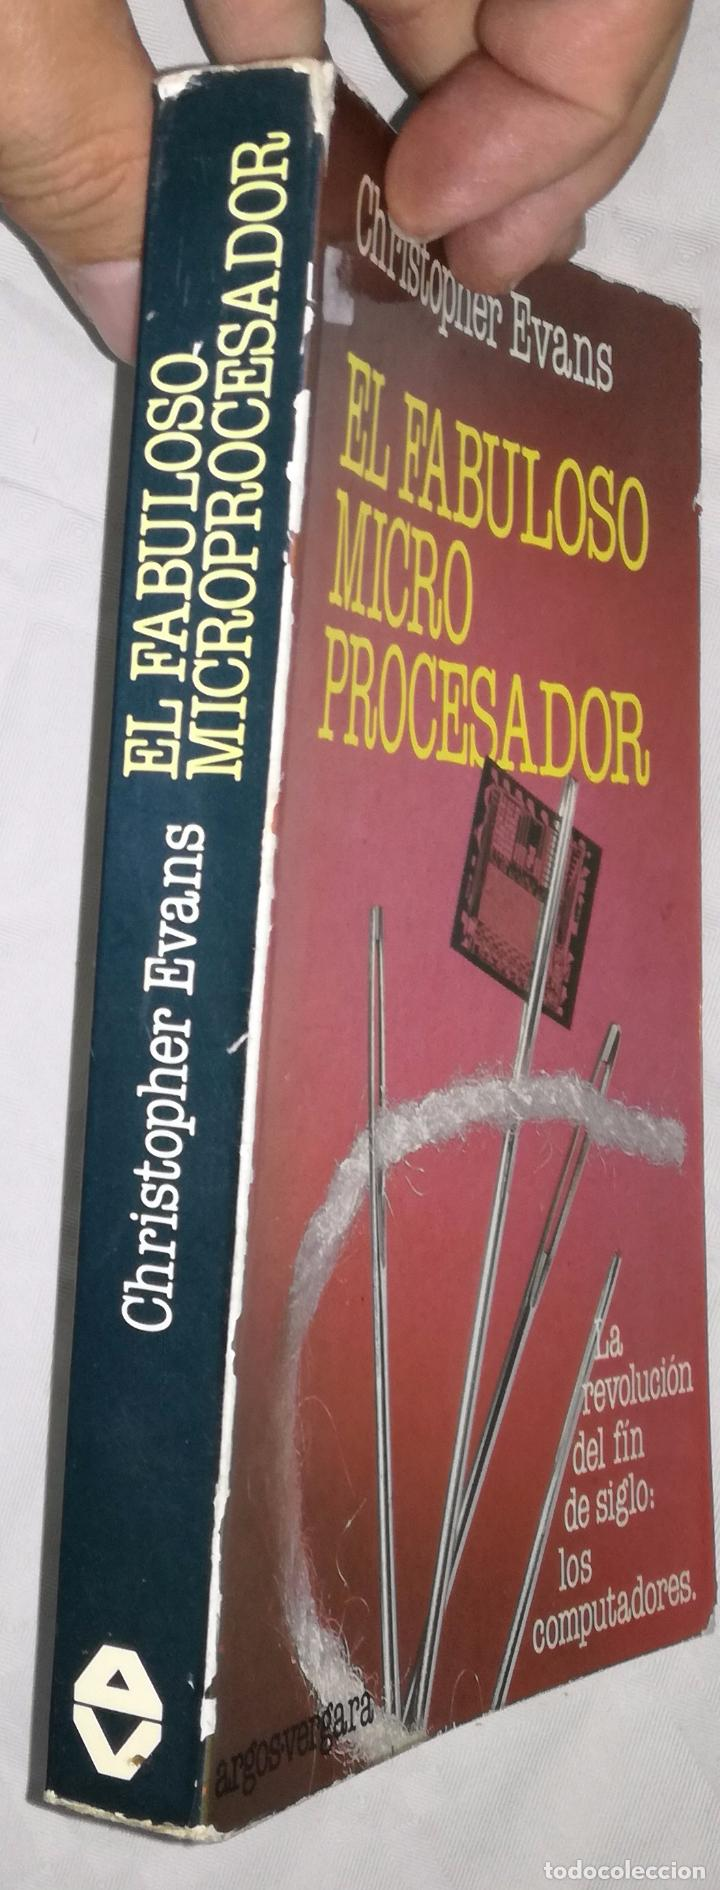 Libros de segunda mano: El fabuloso micro procesador - Christopher Evans; Argos Vergara (EI) - Foto 2 - 102503263